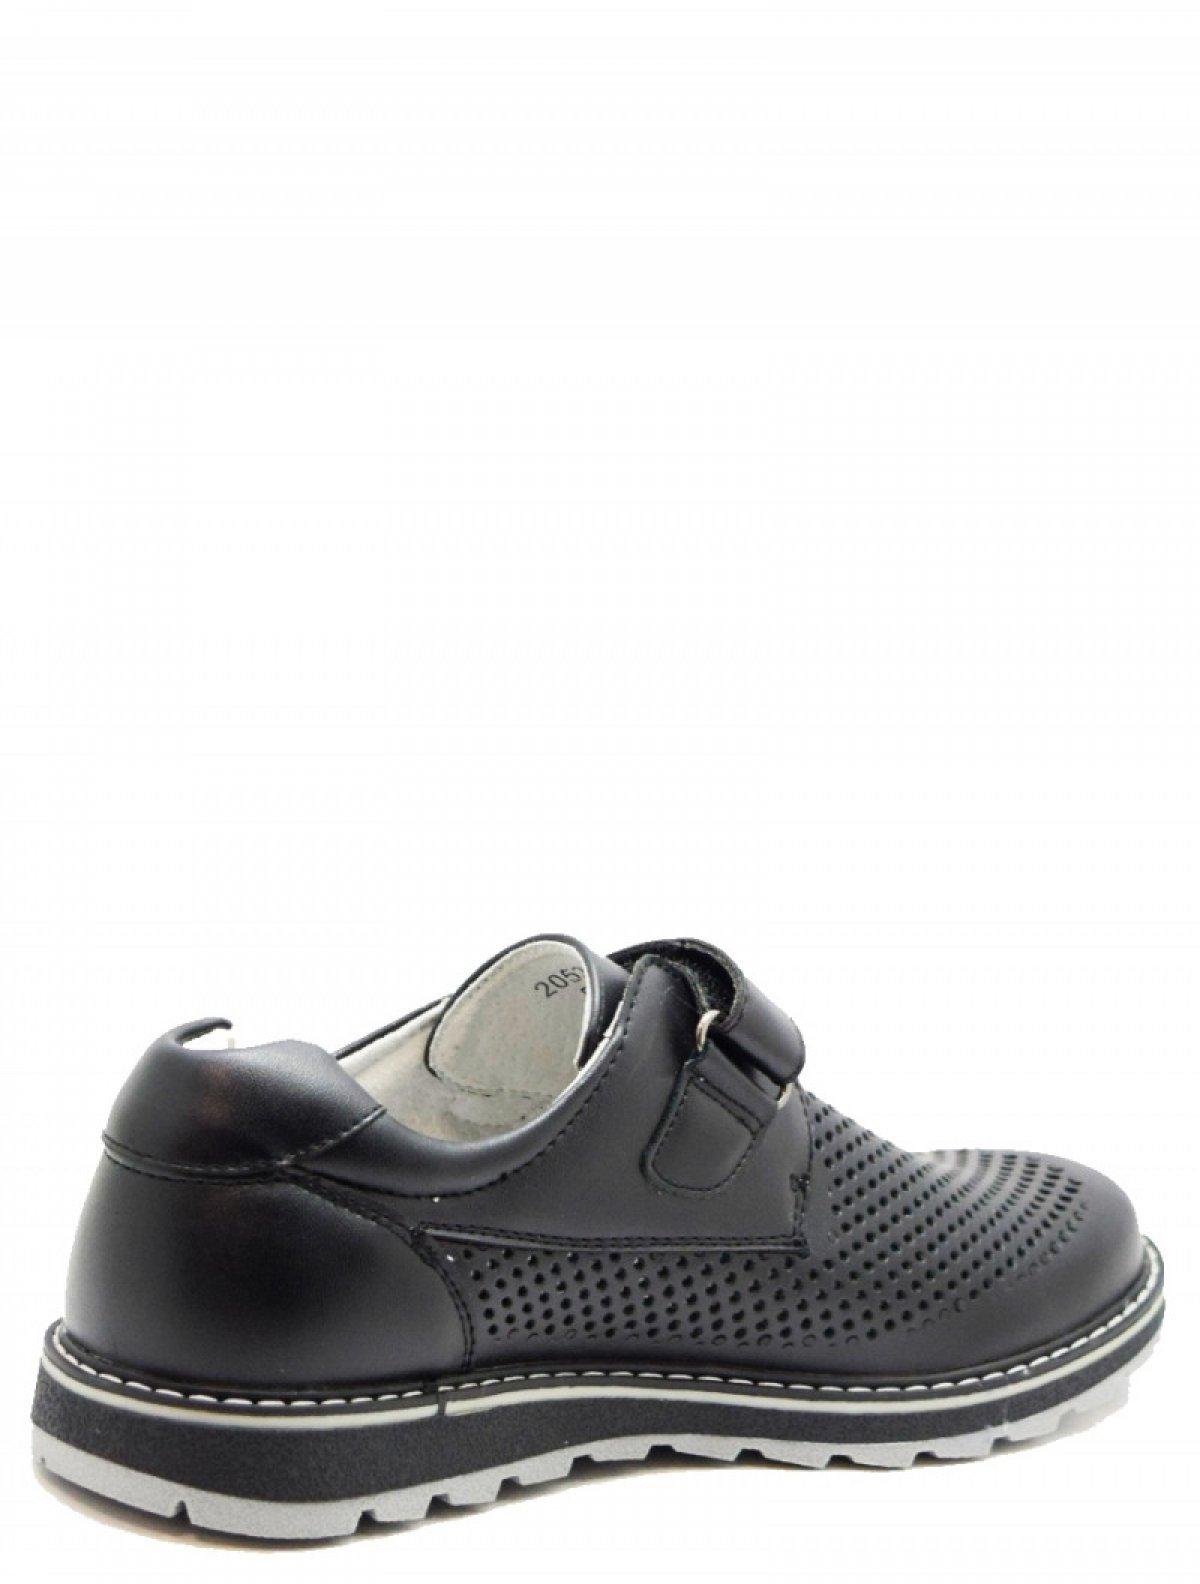 Mursu 205298 туфли для мальчика